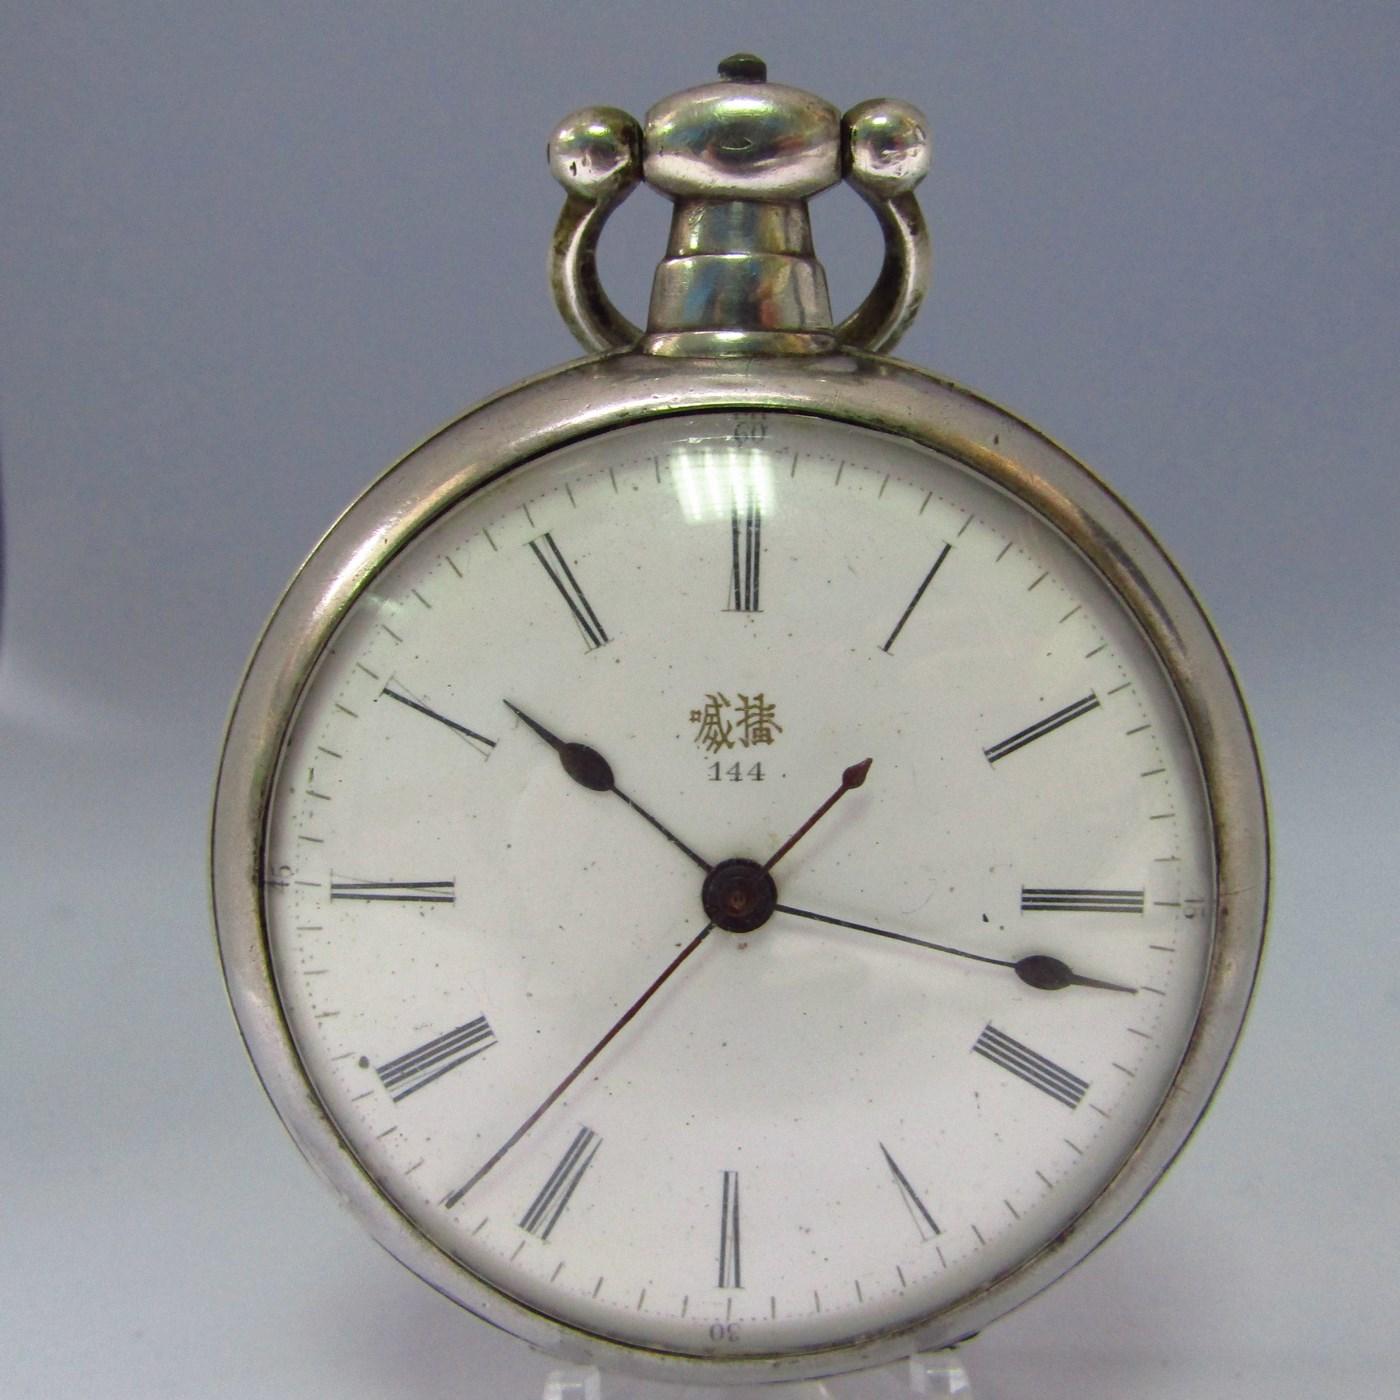 Bovet-Fleurier. Reloj Chinesse de Bolsillo, lepine.